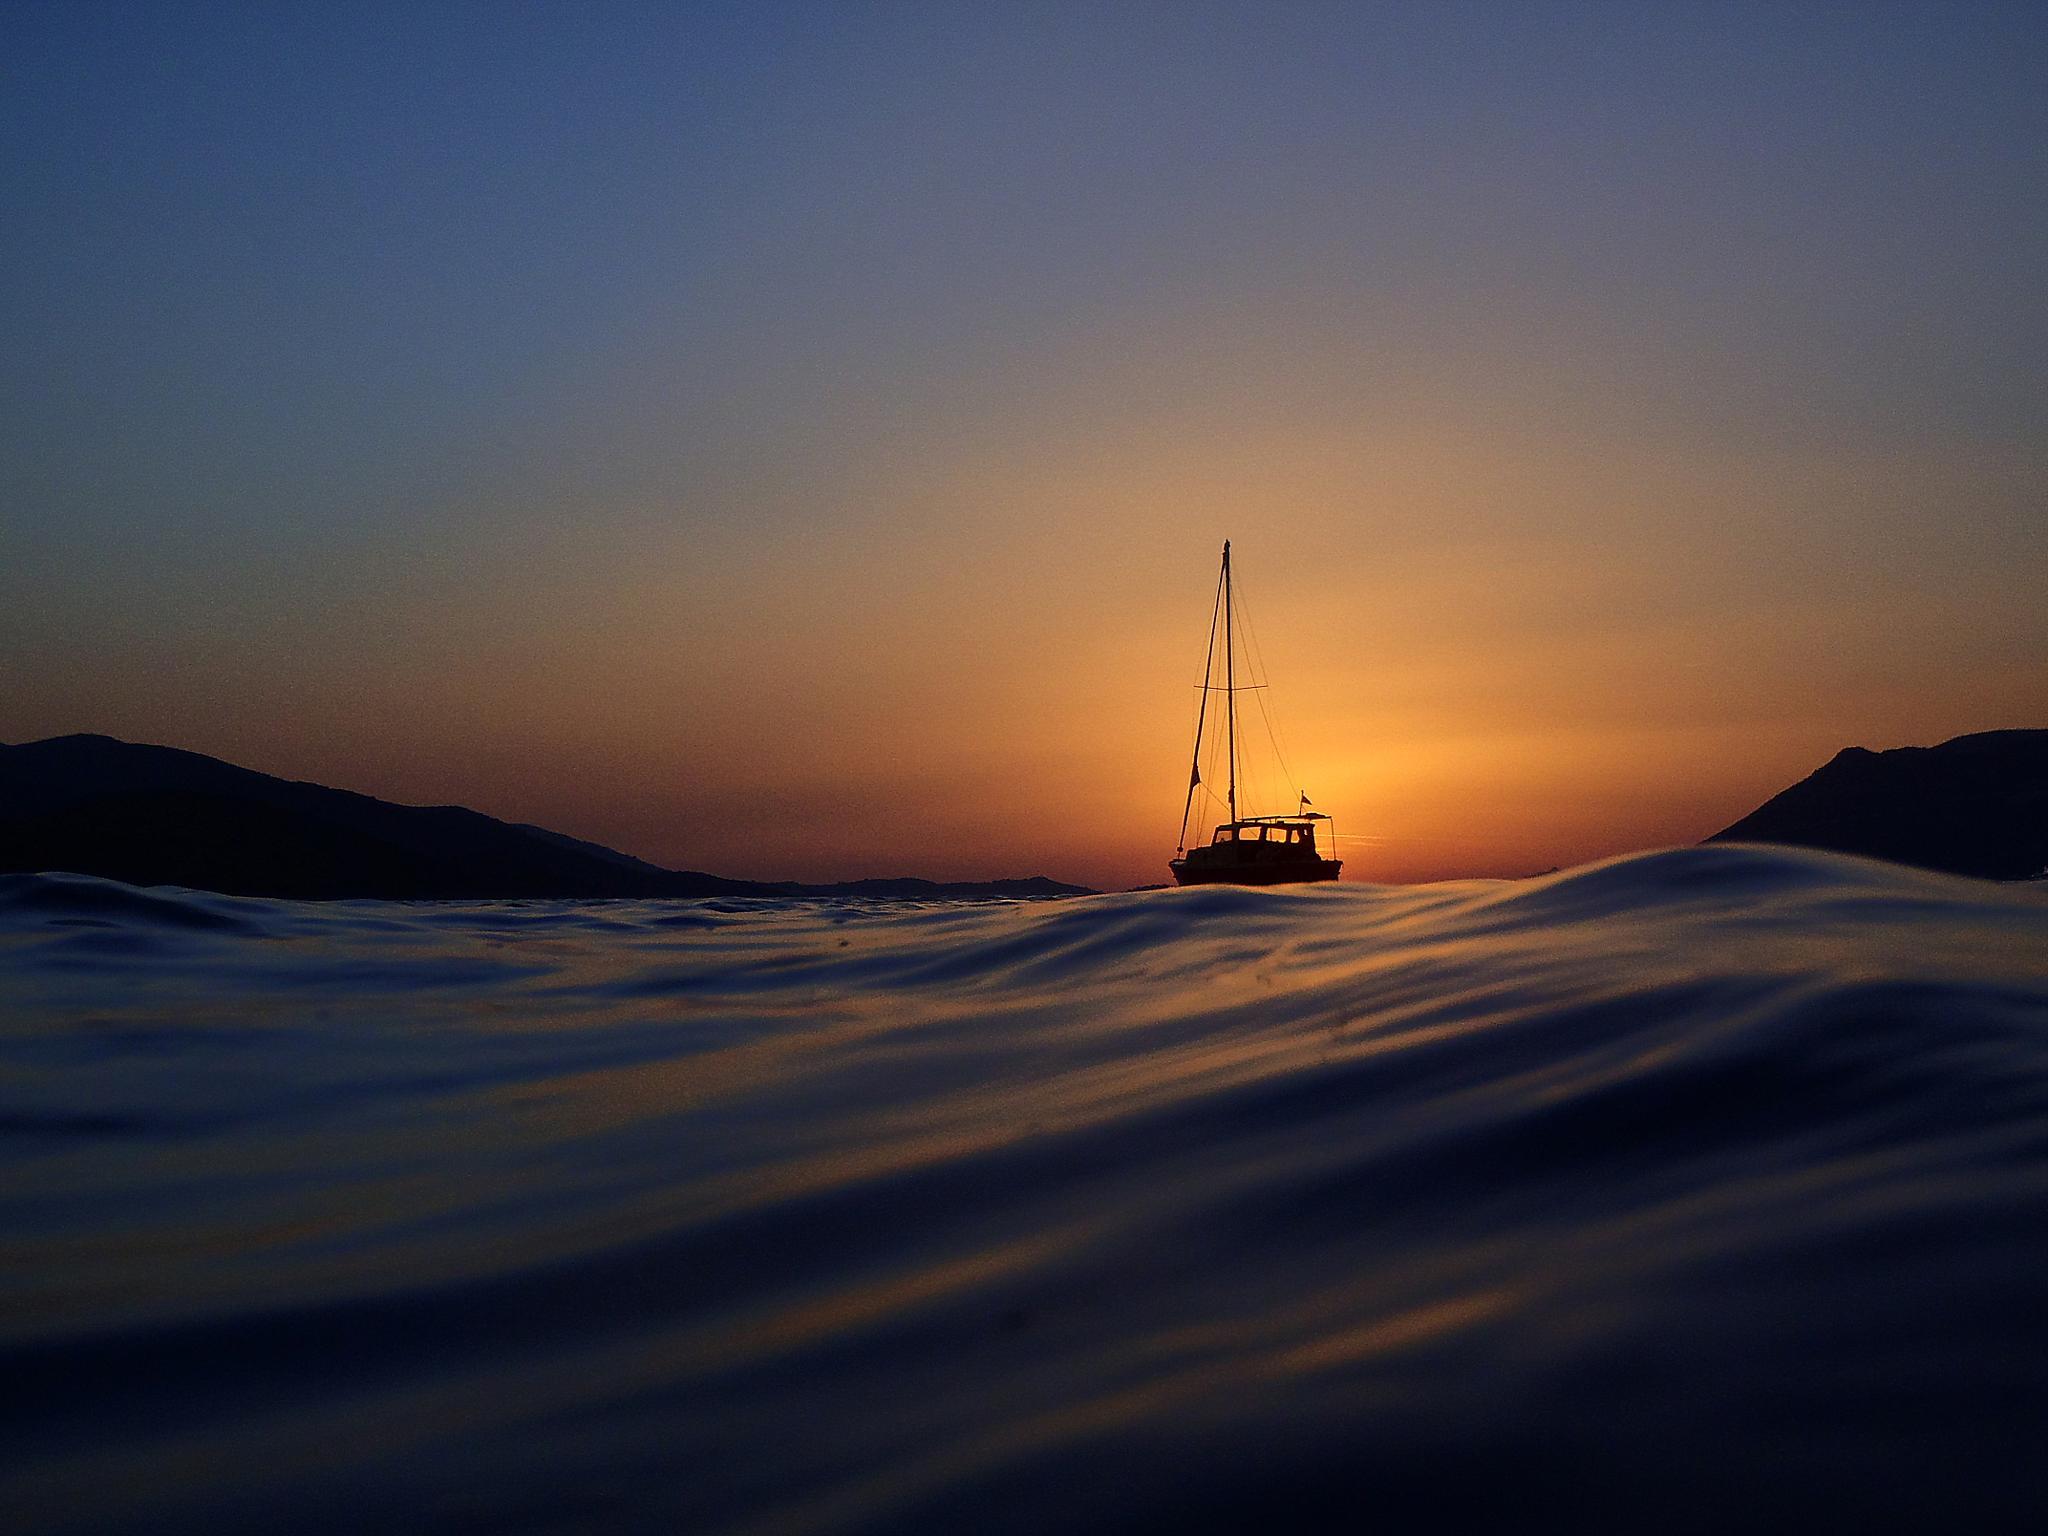 Boat at sunset by Tonči Bernetić